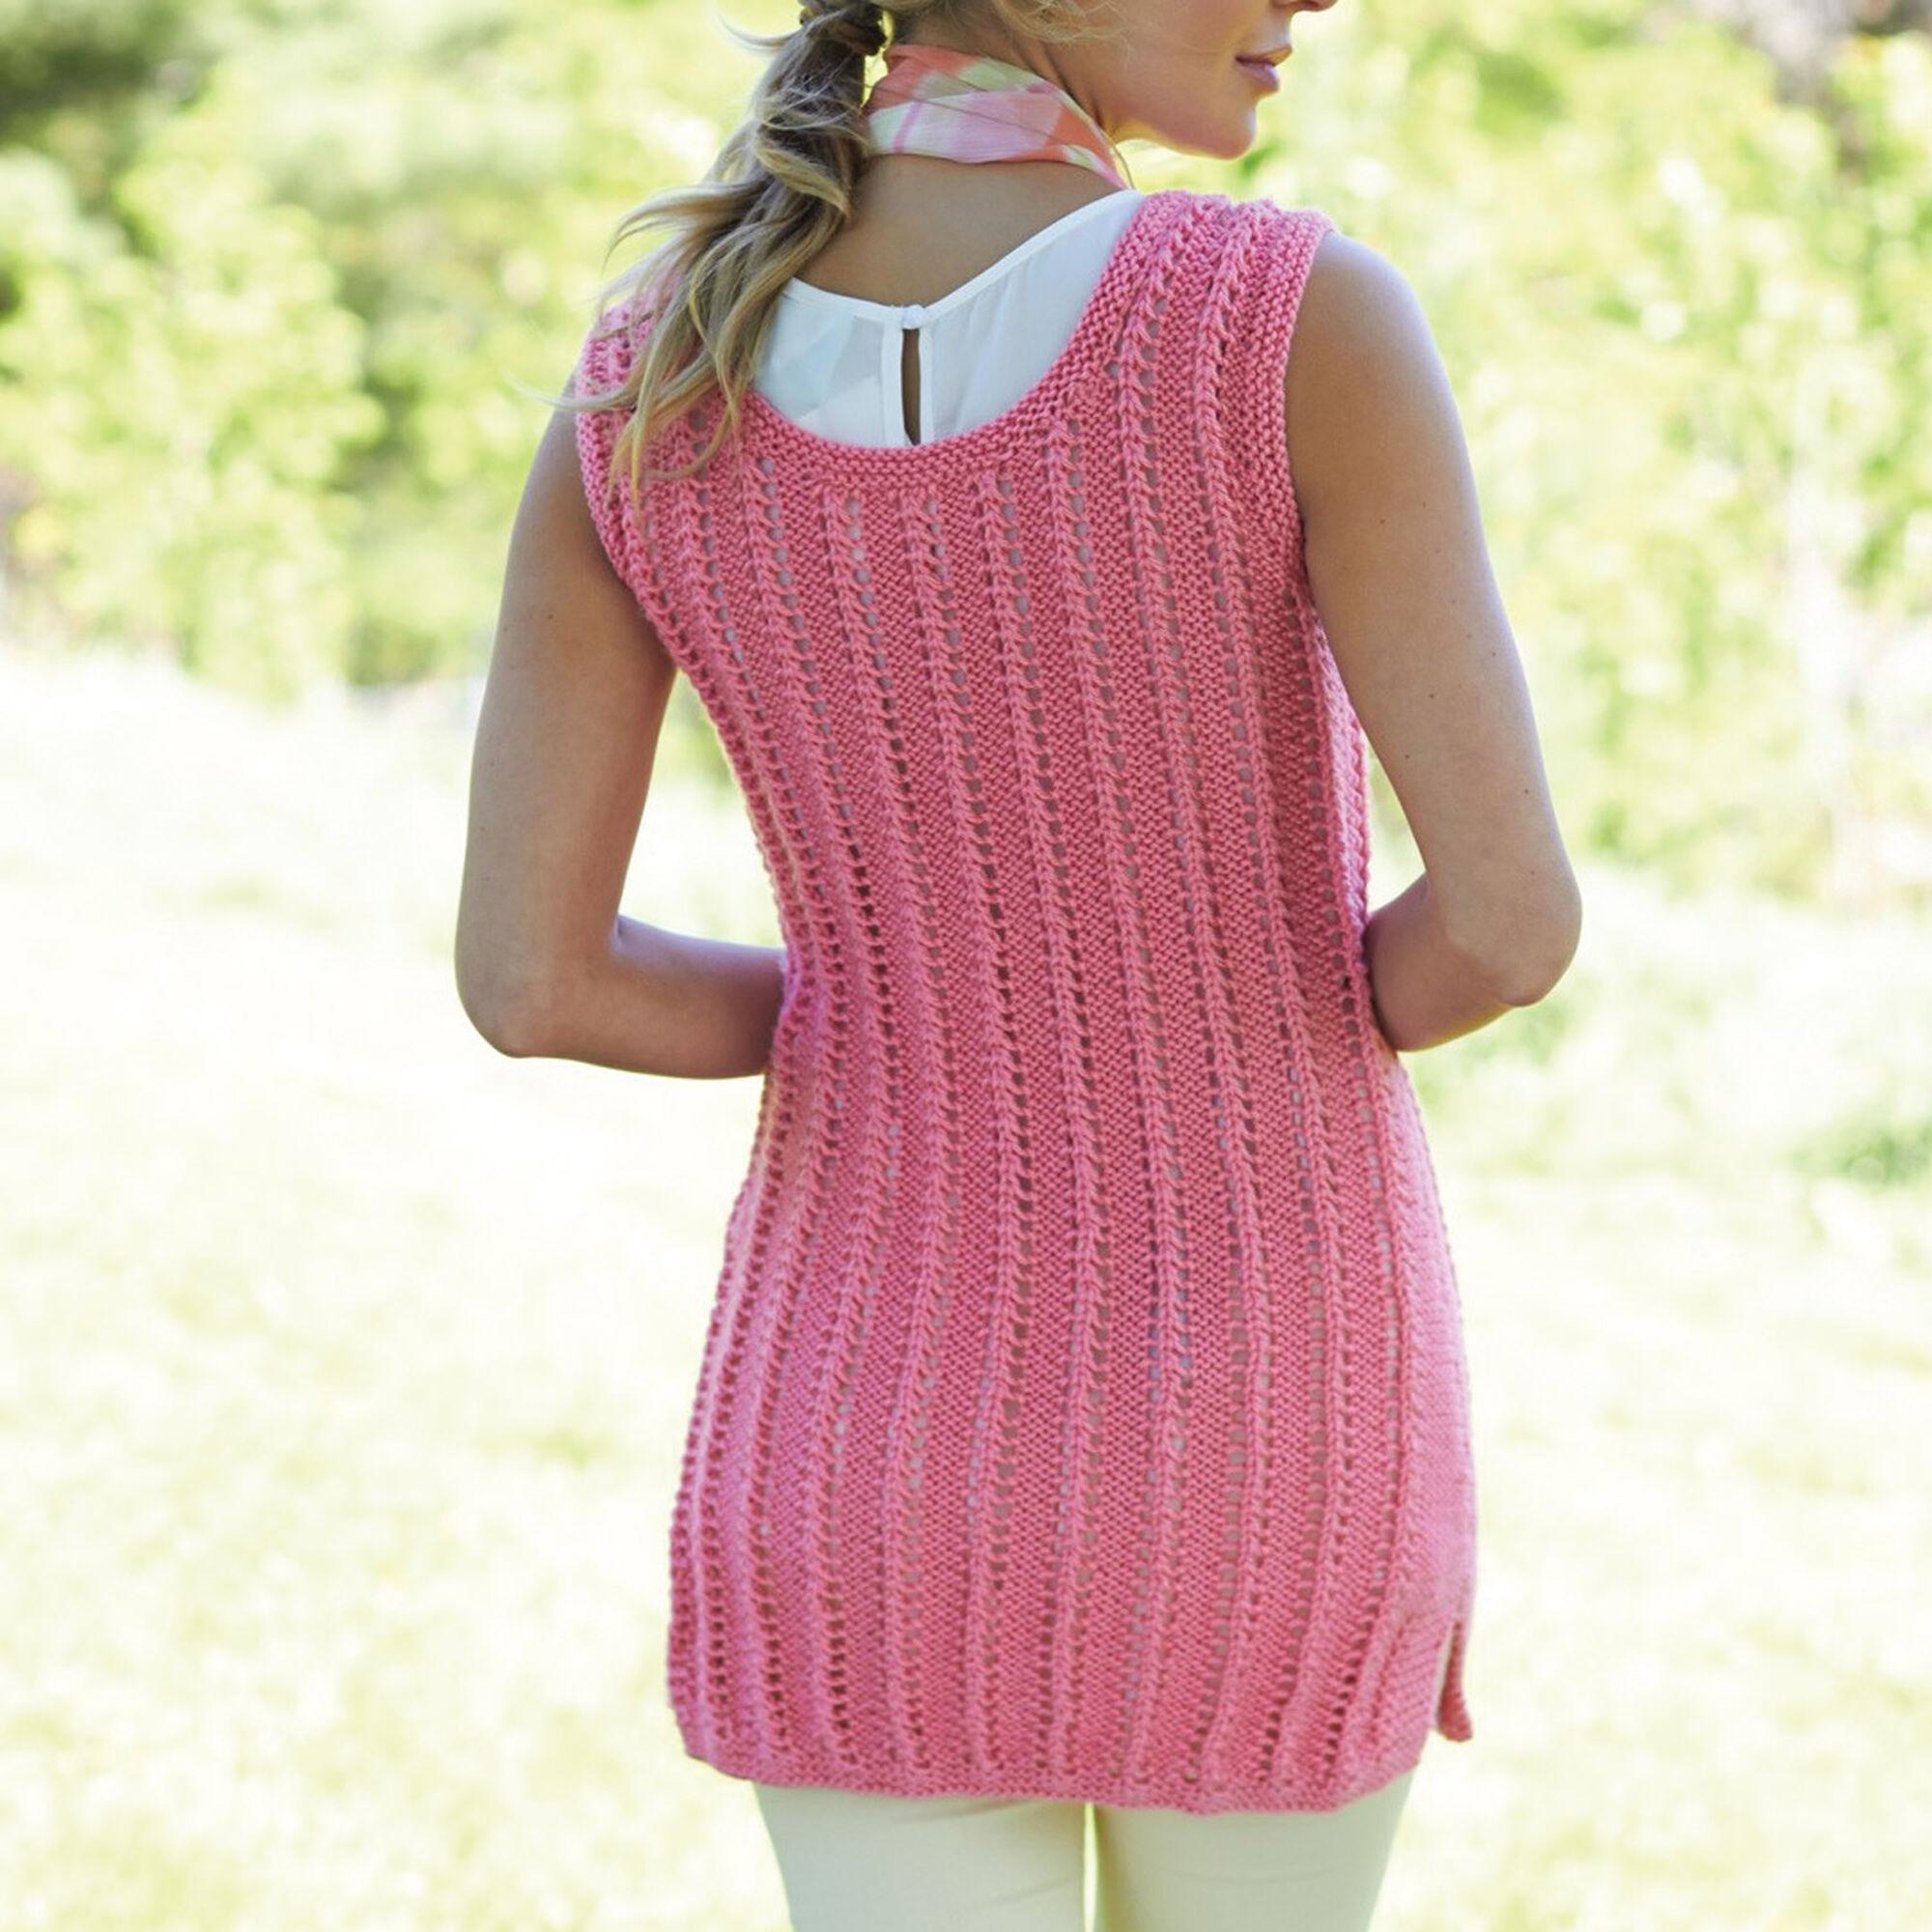 Caron Knit Tank Tunic, S Pattern | Yarnspirations